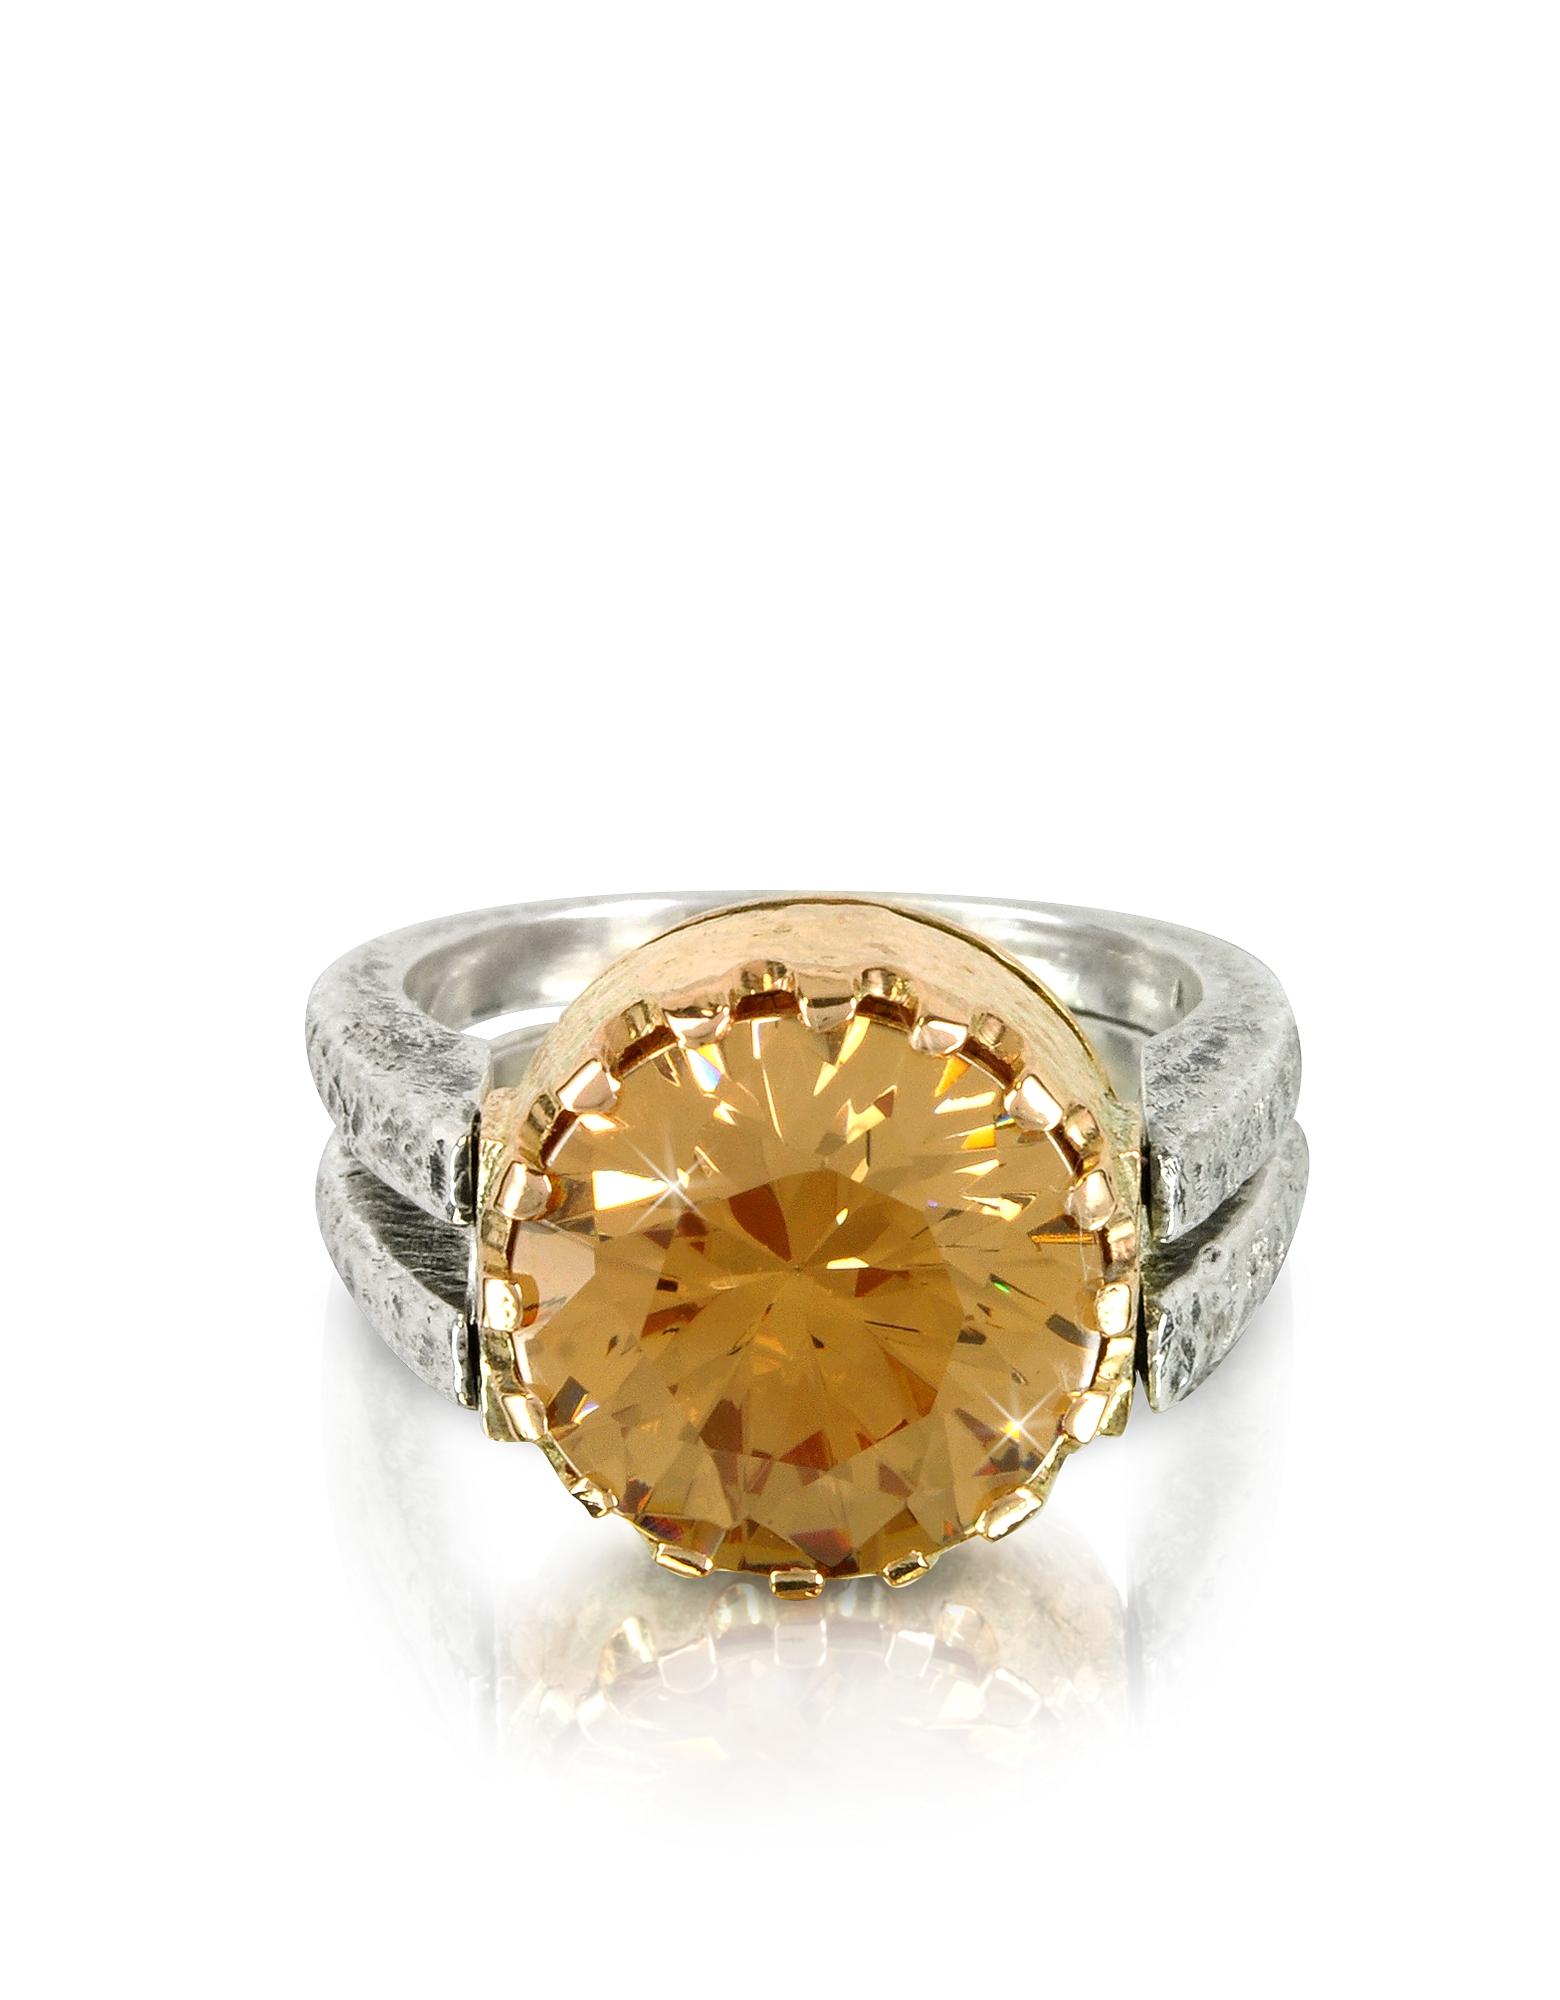 Try Кольцо из Серебра 925 пробы и Розового Золота с Кубиком Циркония Оттенка Золотистое Шампанское